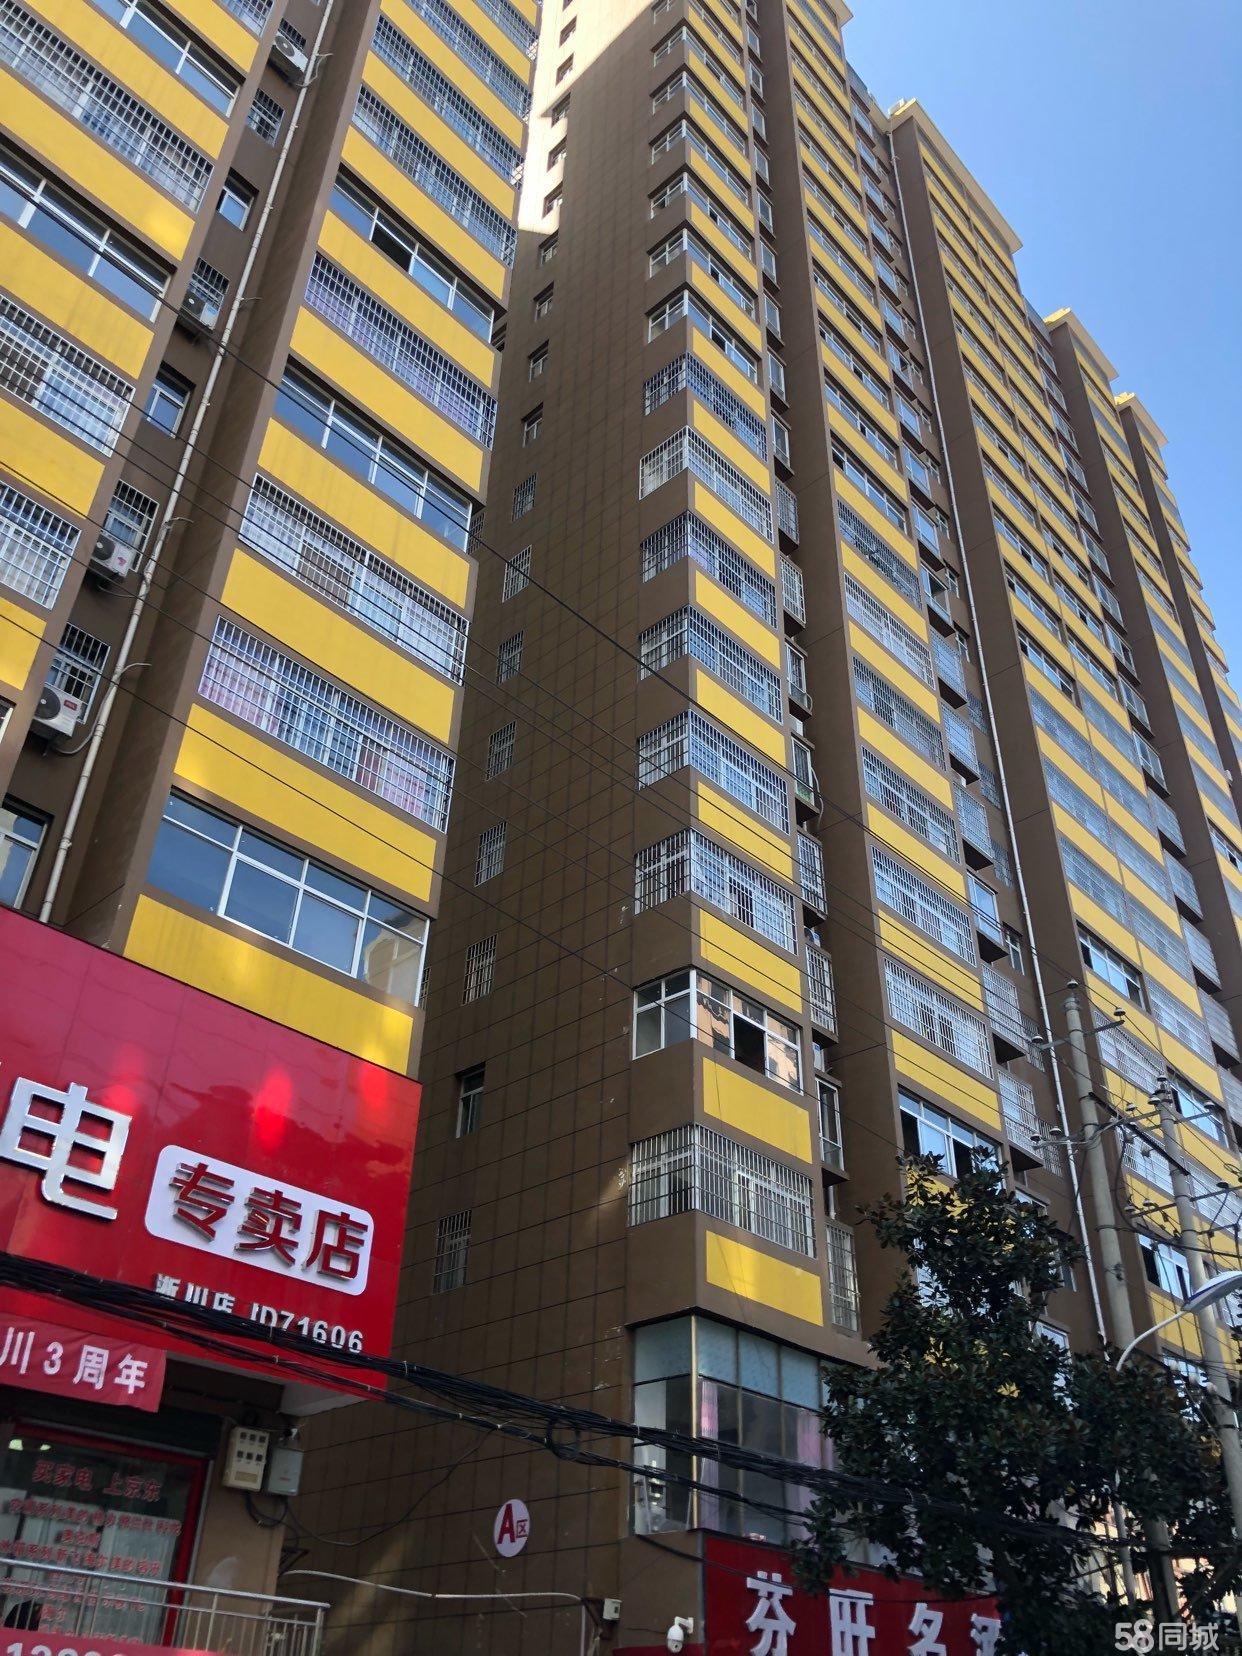 荣升小区三室两厅顶楼电梯房毛坯房